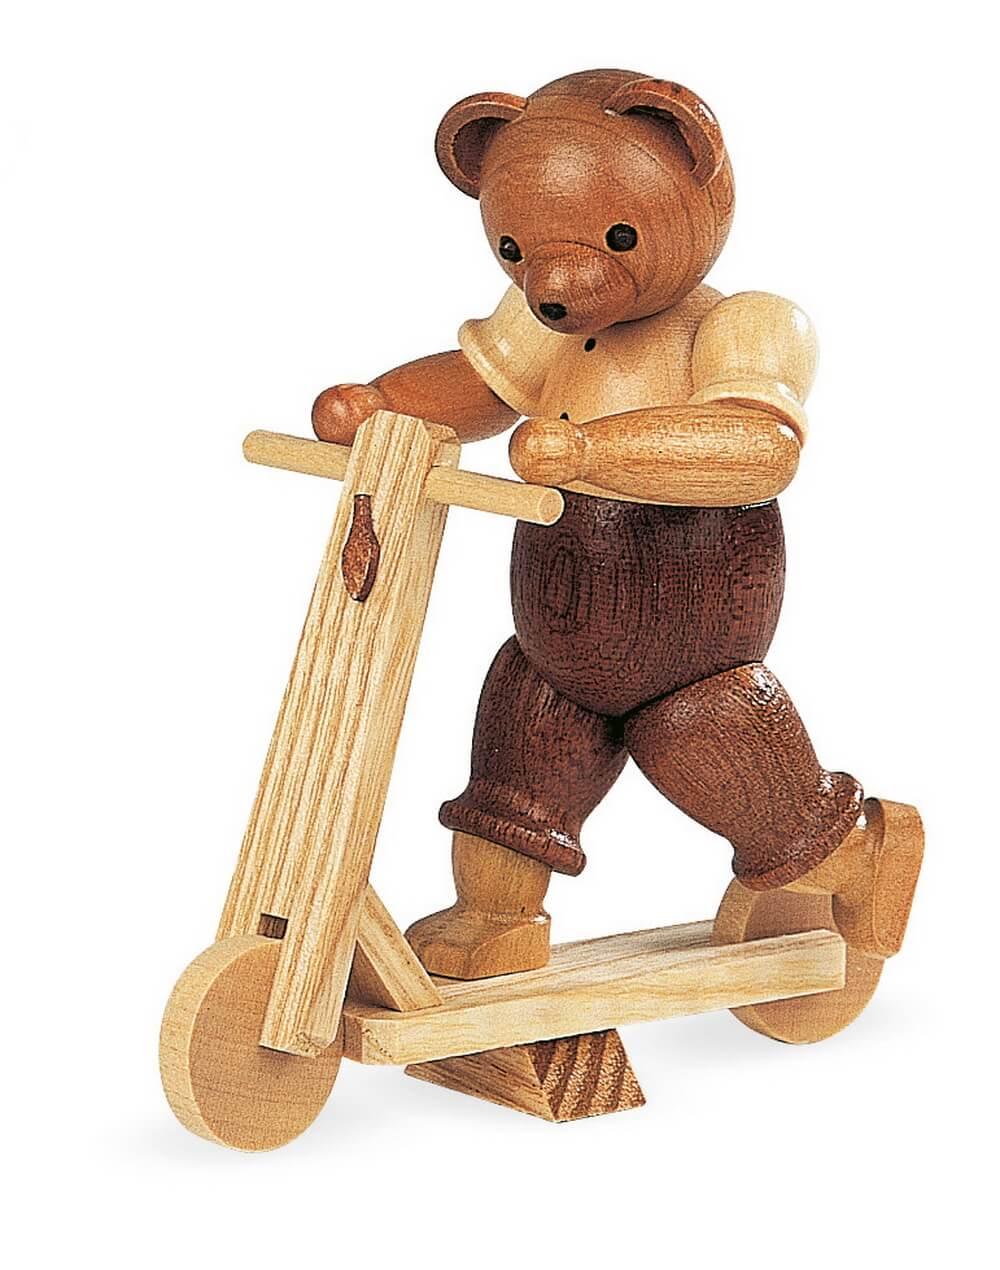 Dekofigur Bär auf Roller aus Holz, naturfarben von Müller Kleinkunst aus Seiffen